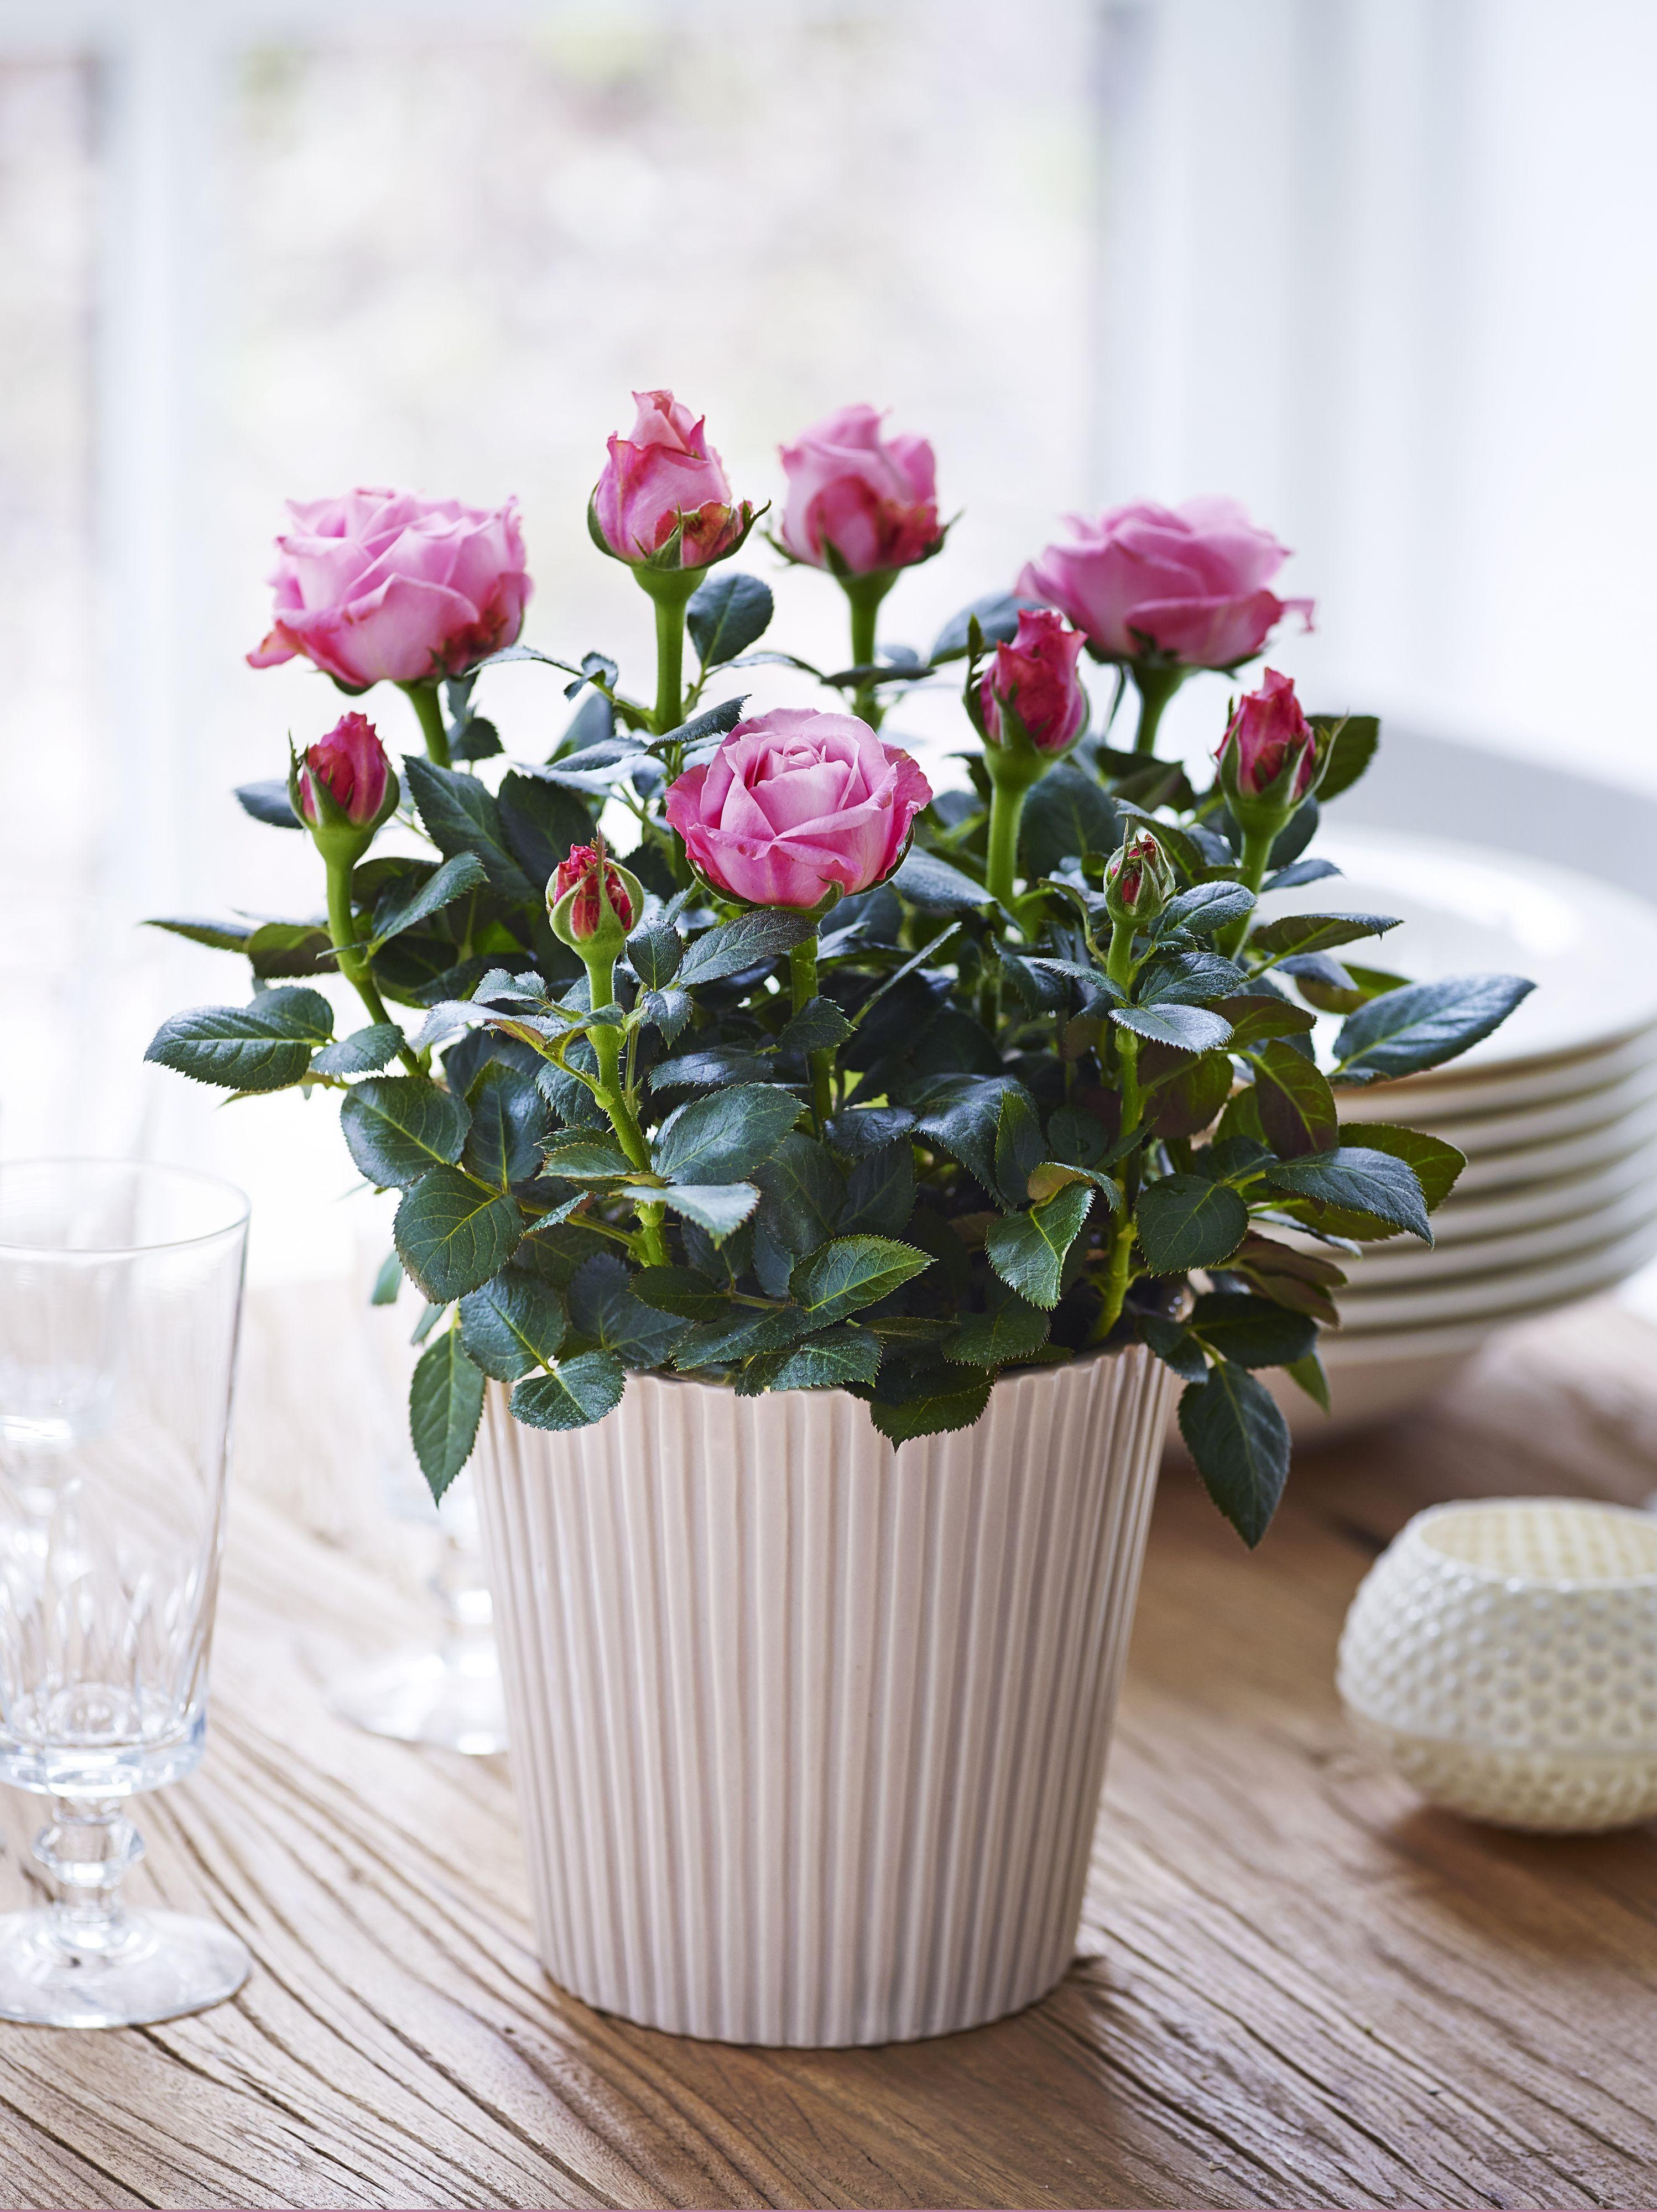 Роз саратов, заказать живые цветы на домашних условиях